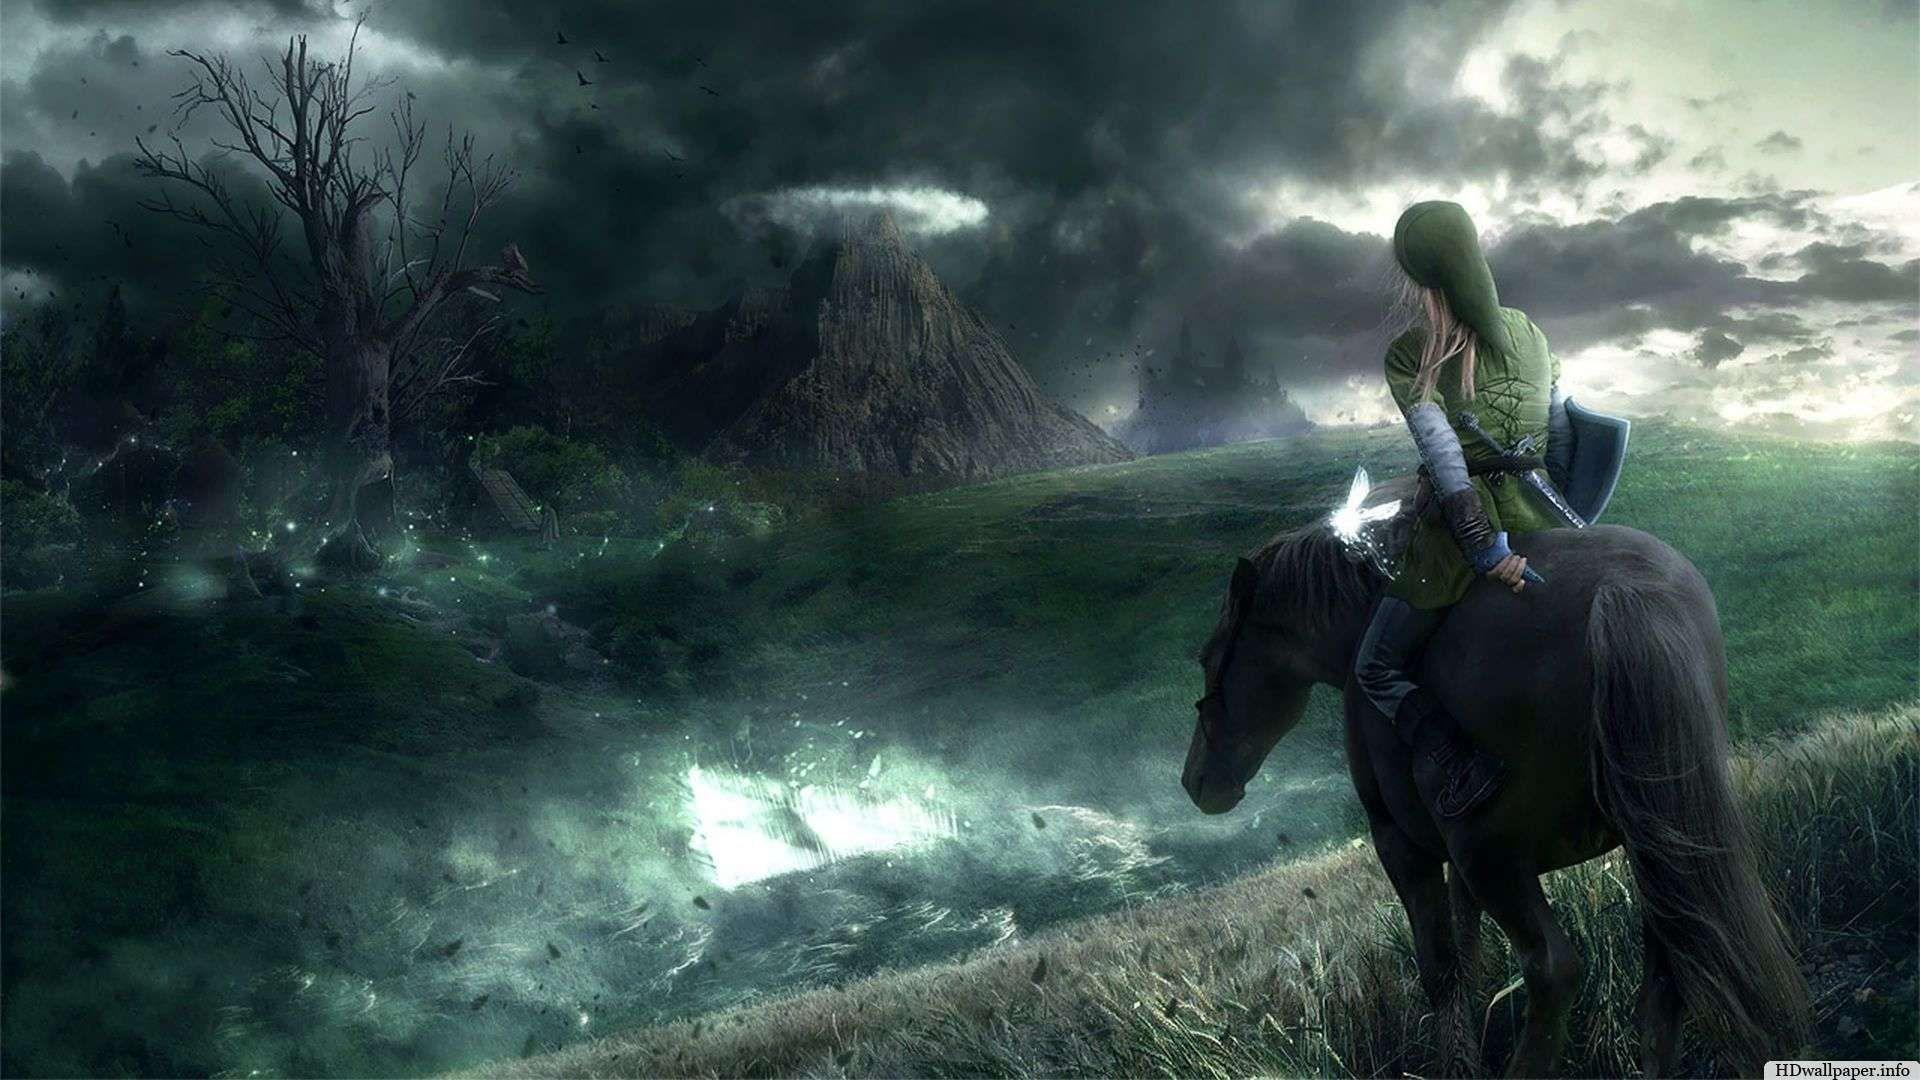 Download The Legend of Zelda Wallpapers HD Wallpapers